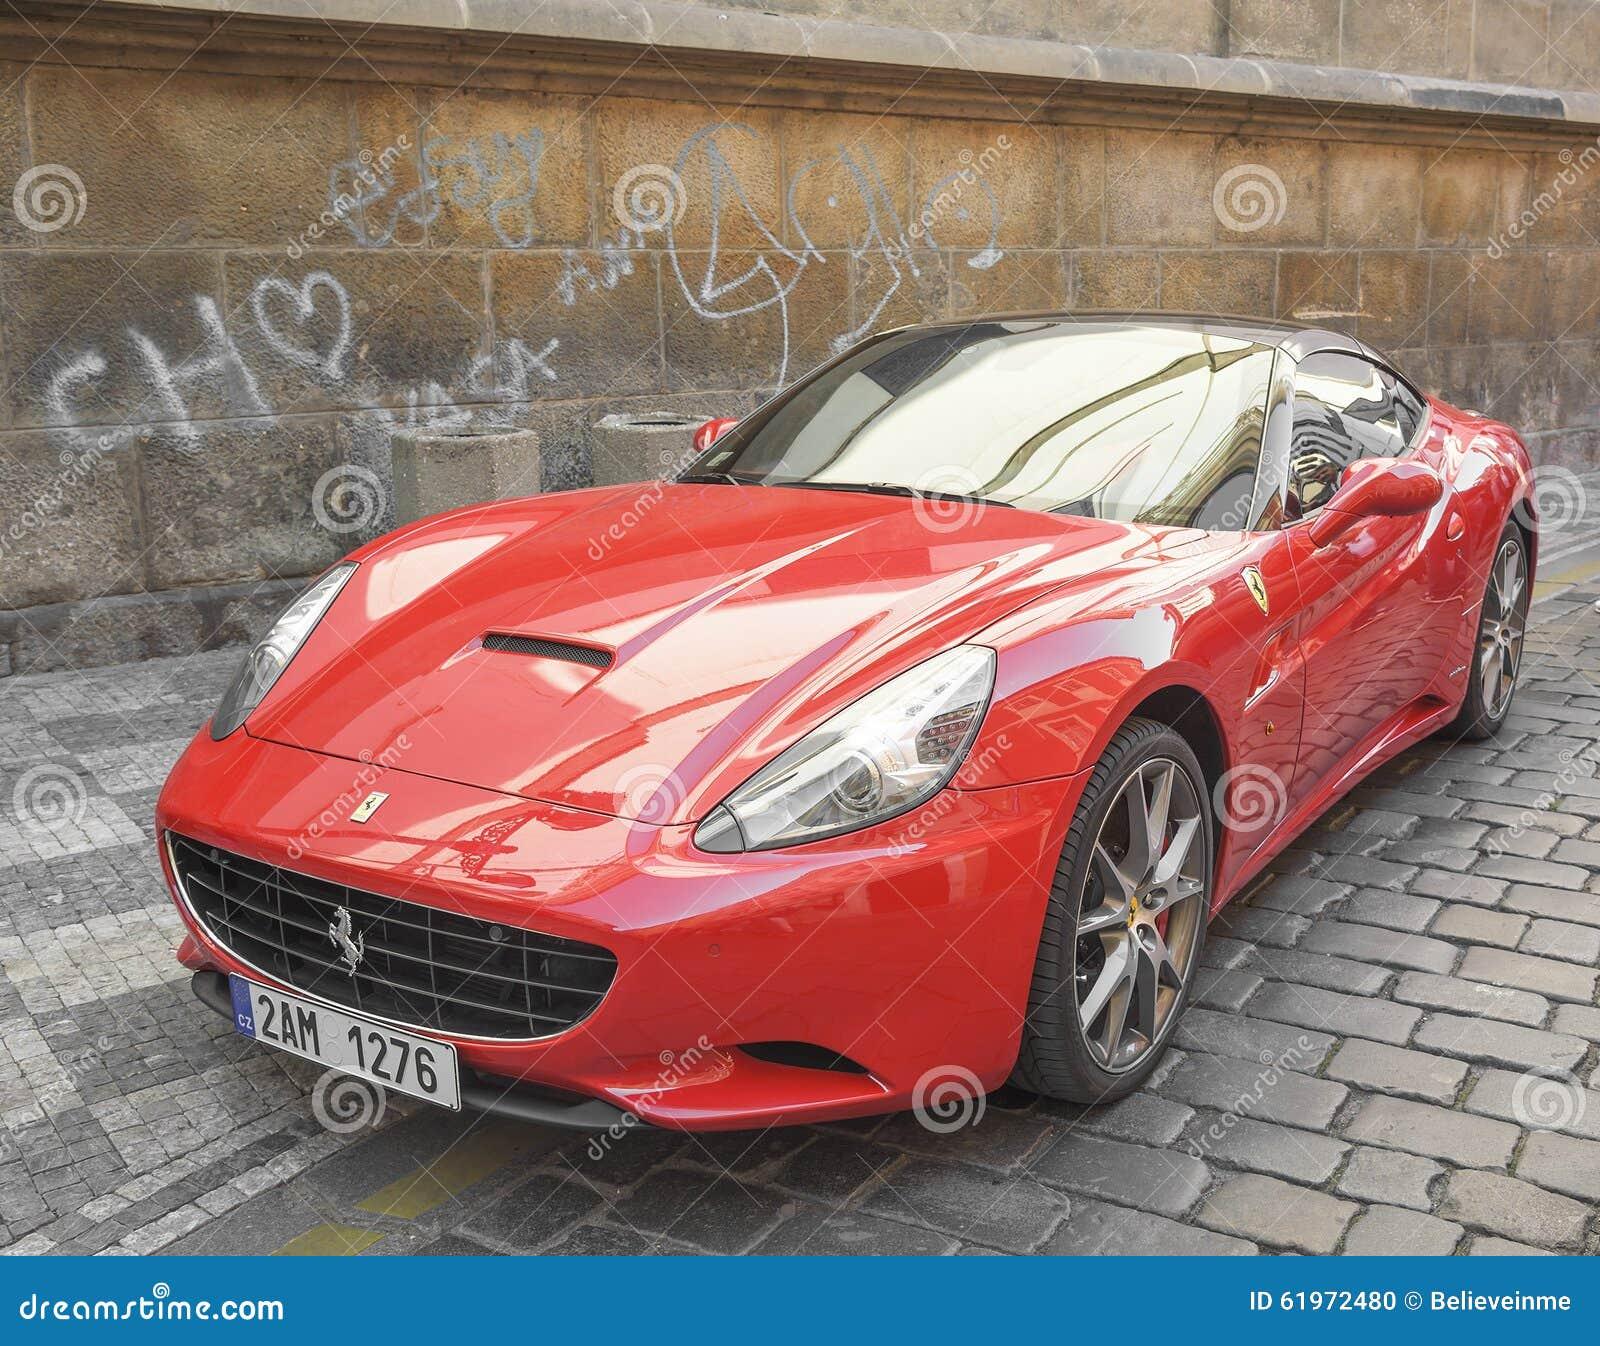 Ferrari F12 Berlinetta Imagen Editorial